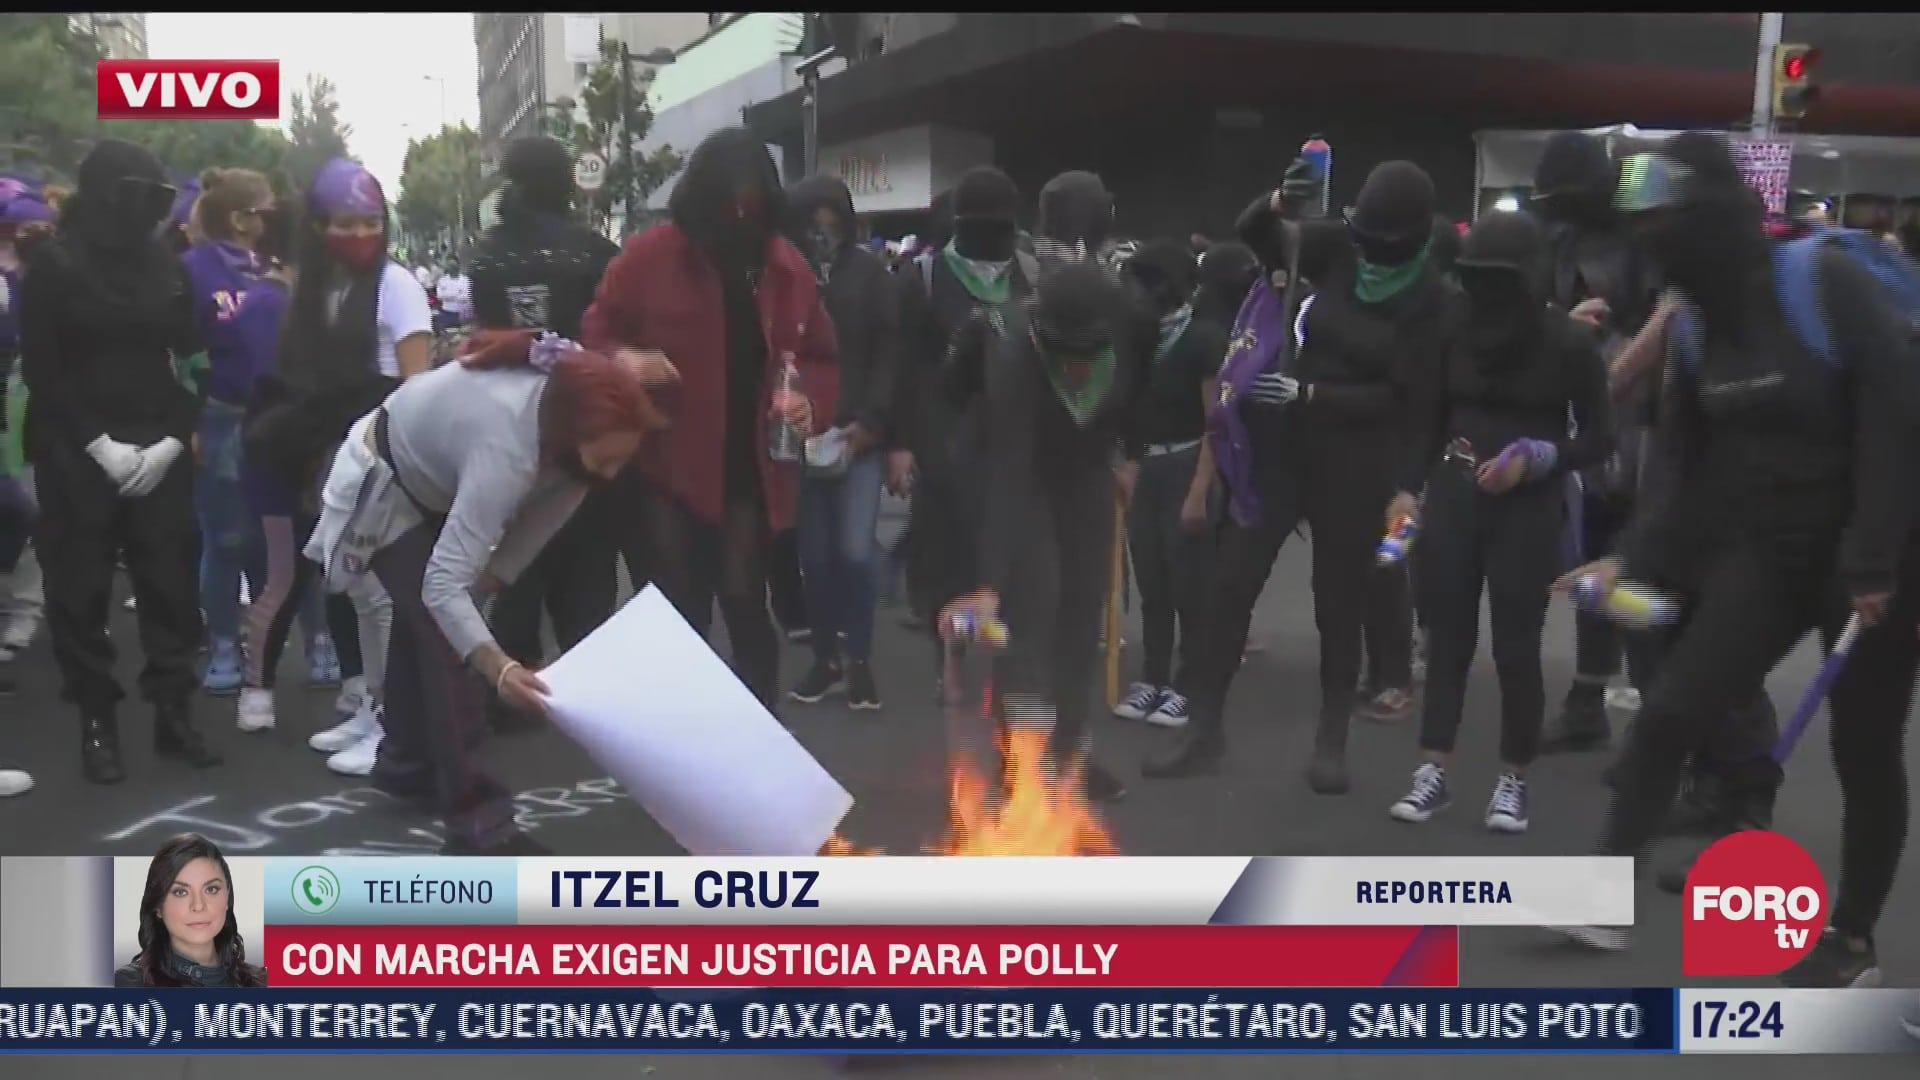 feministas prenden fogata durante marcha en la cdmx